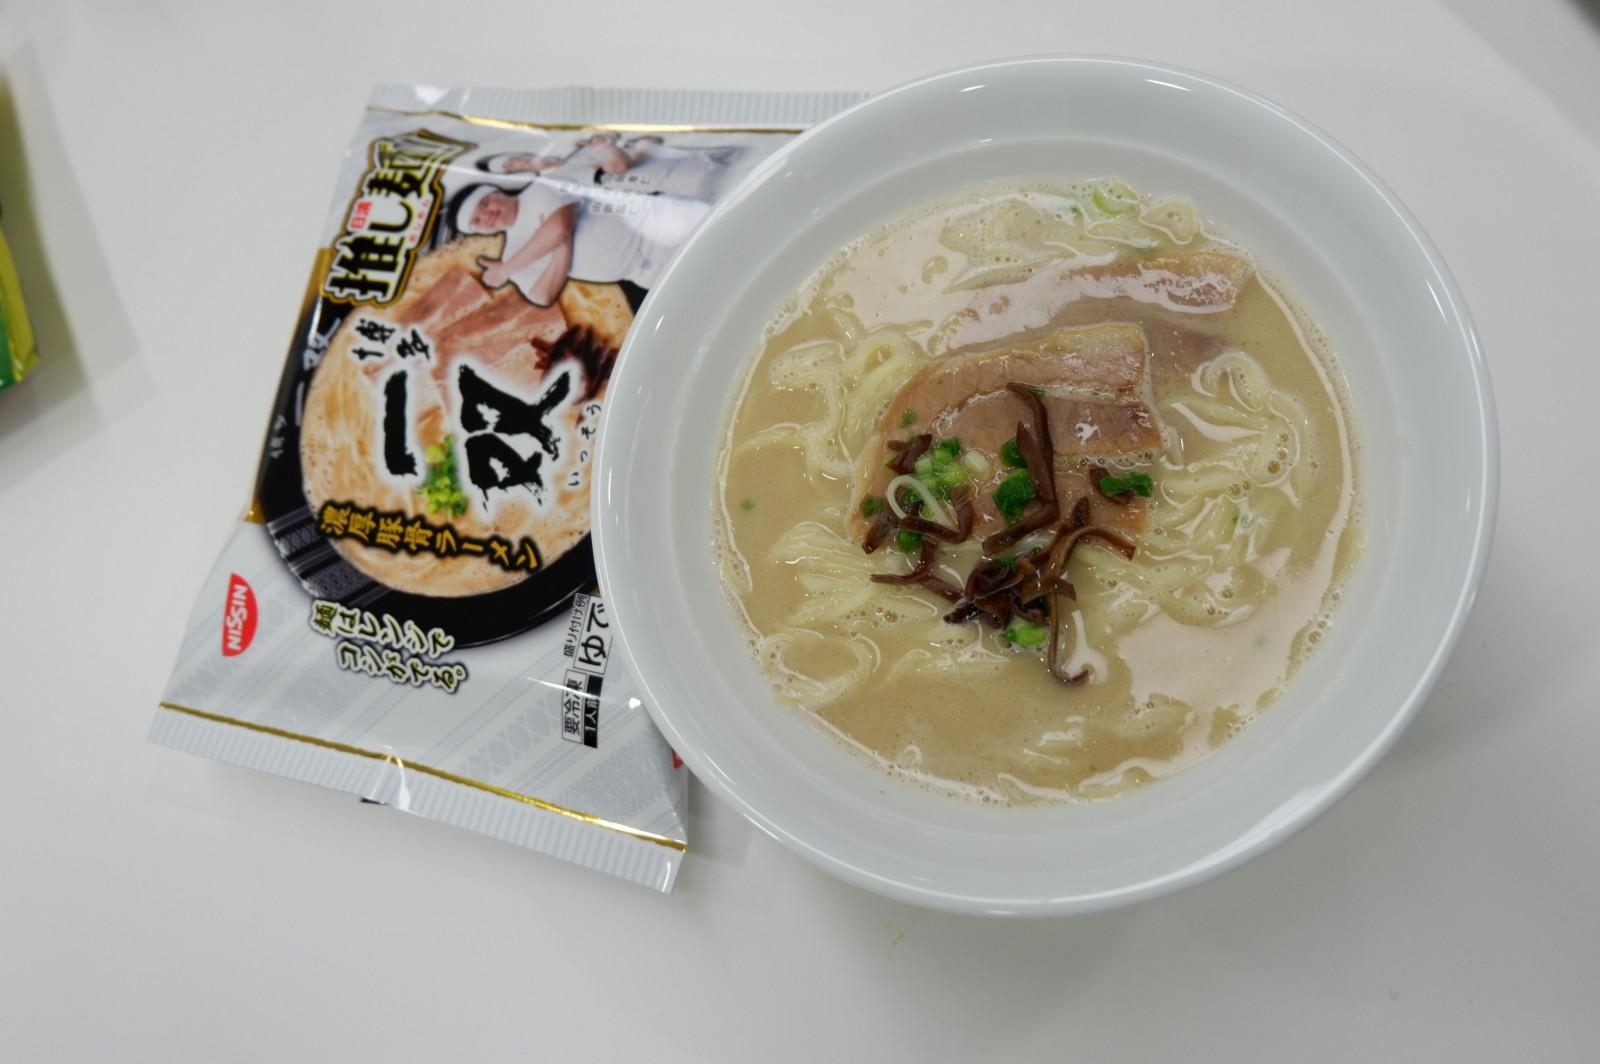 「冷凍 日清推し麺!」 第4弾は、バリカタの「博多 一双」